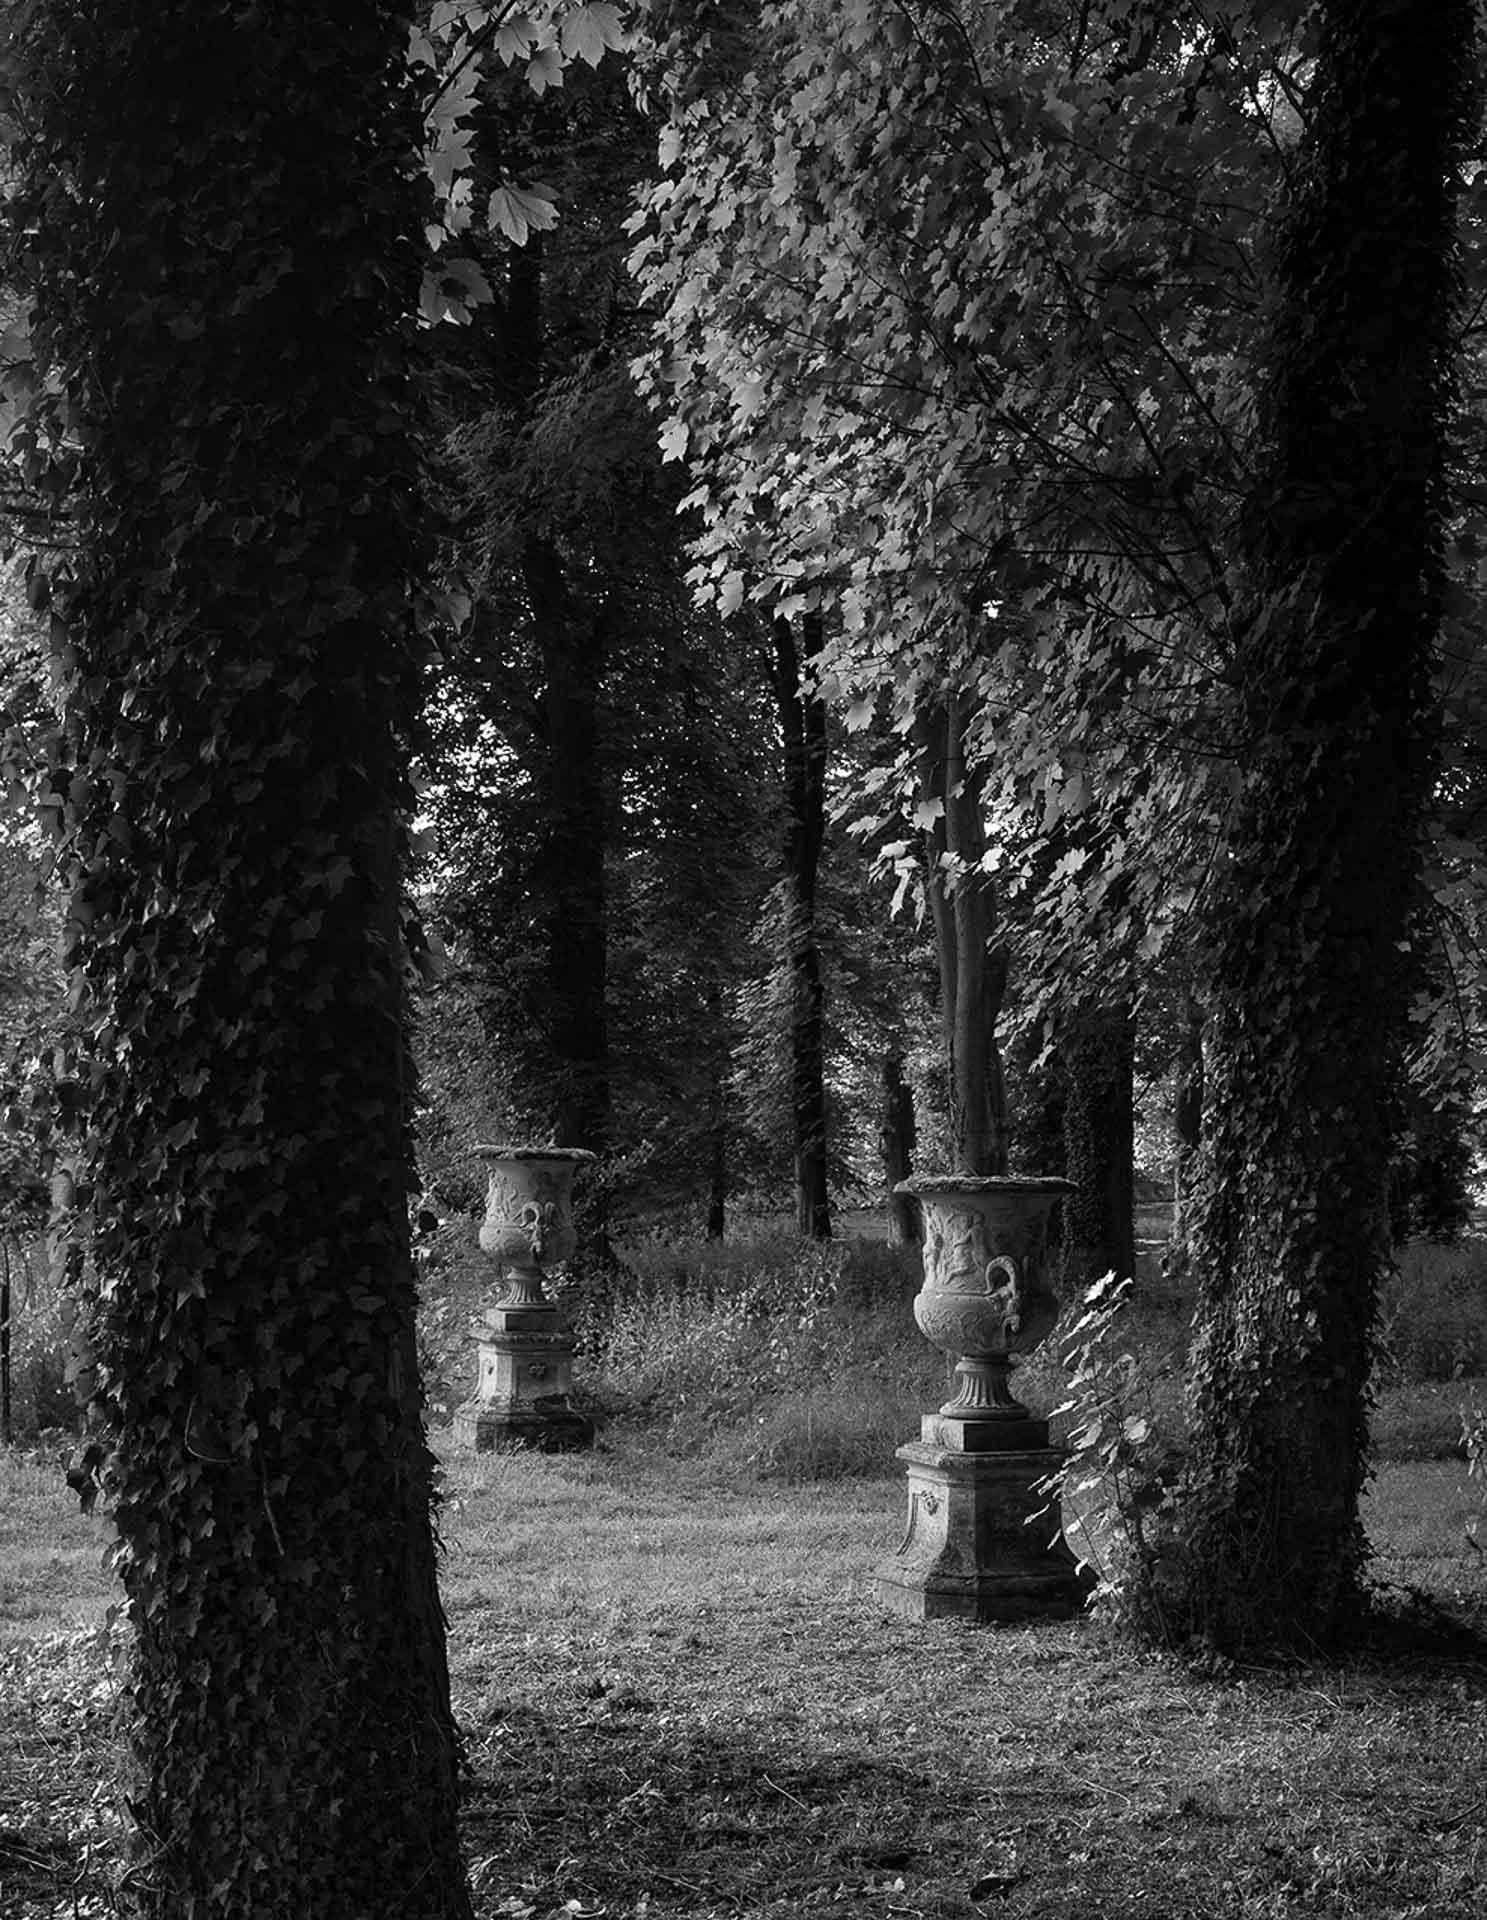 view garden park best french luxury chateau paris Chateau de Villette The Heritage Collection luxury property exclusive rent rental destination weddings elopment engagement travel events